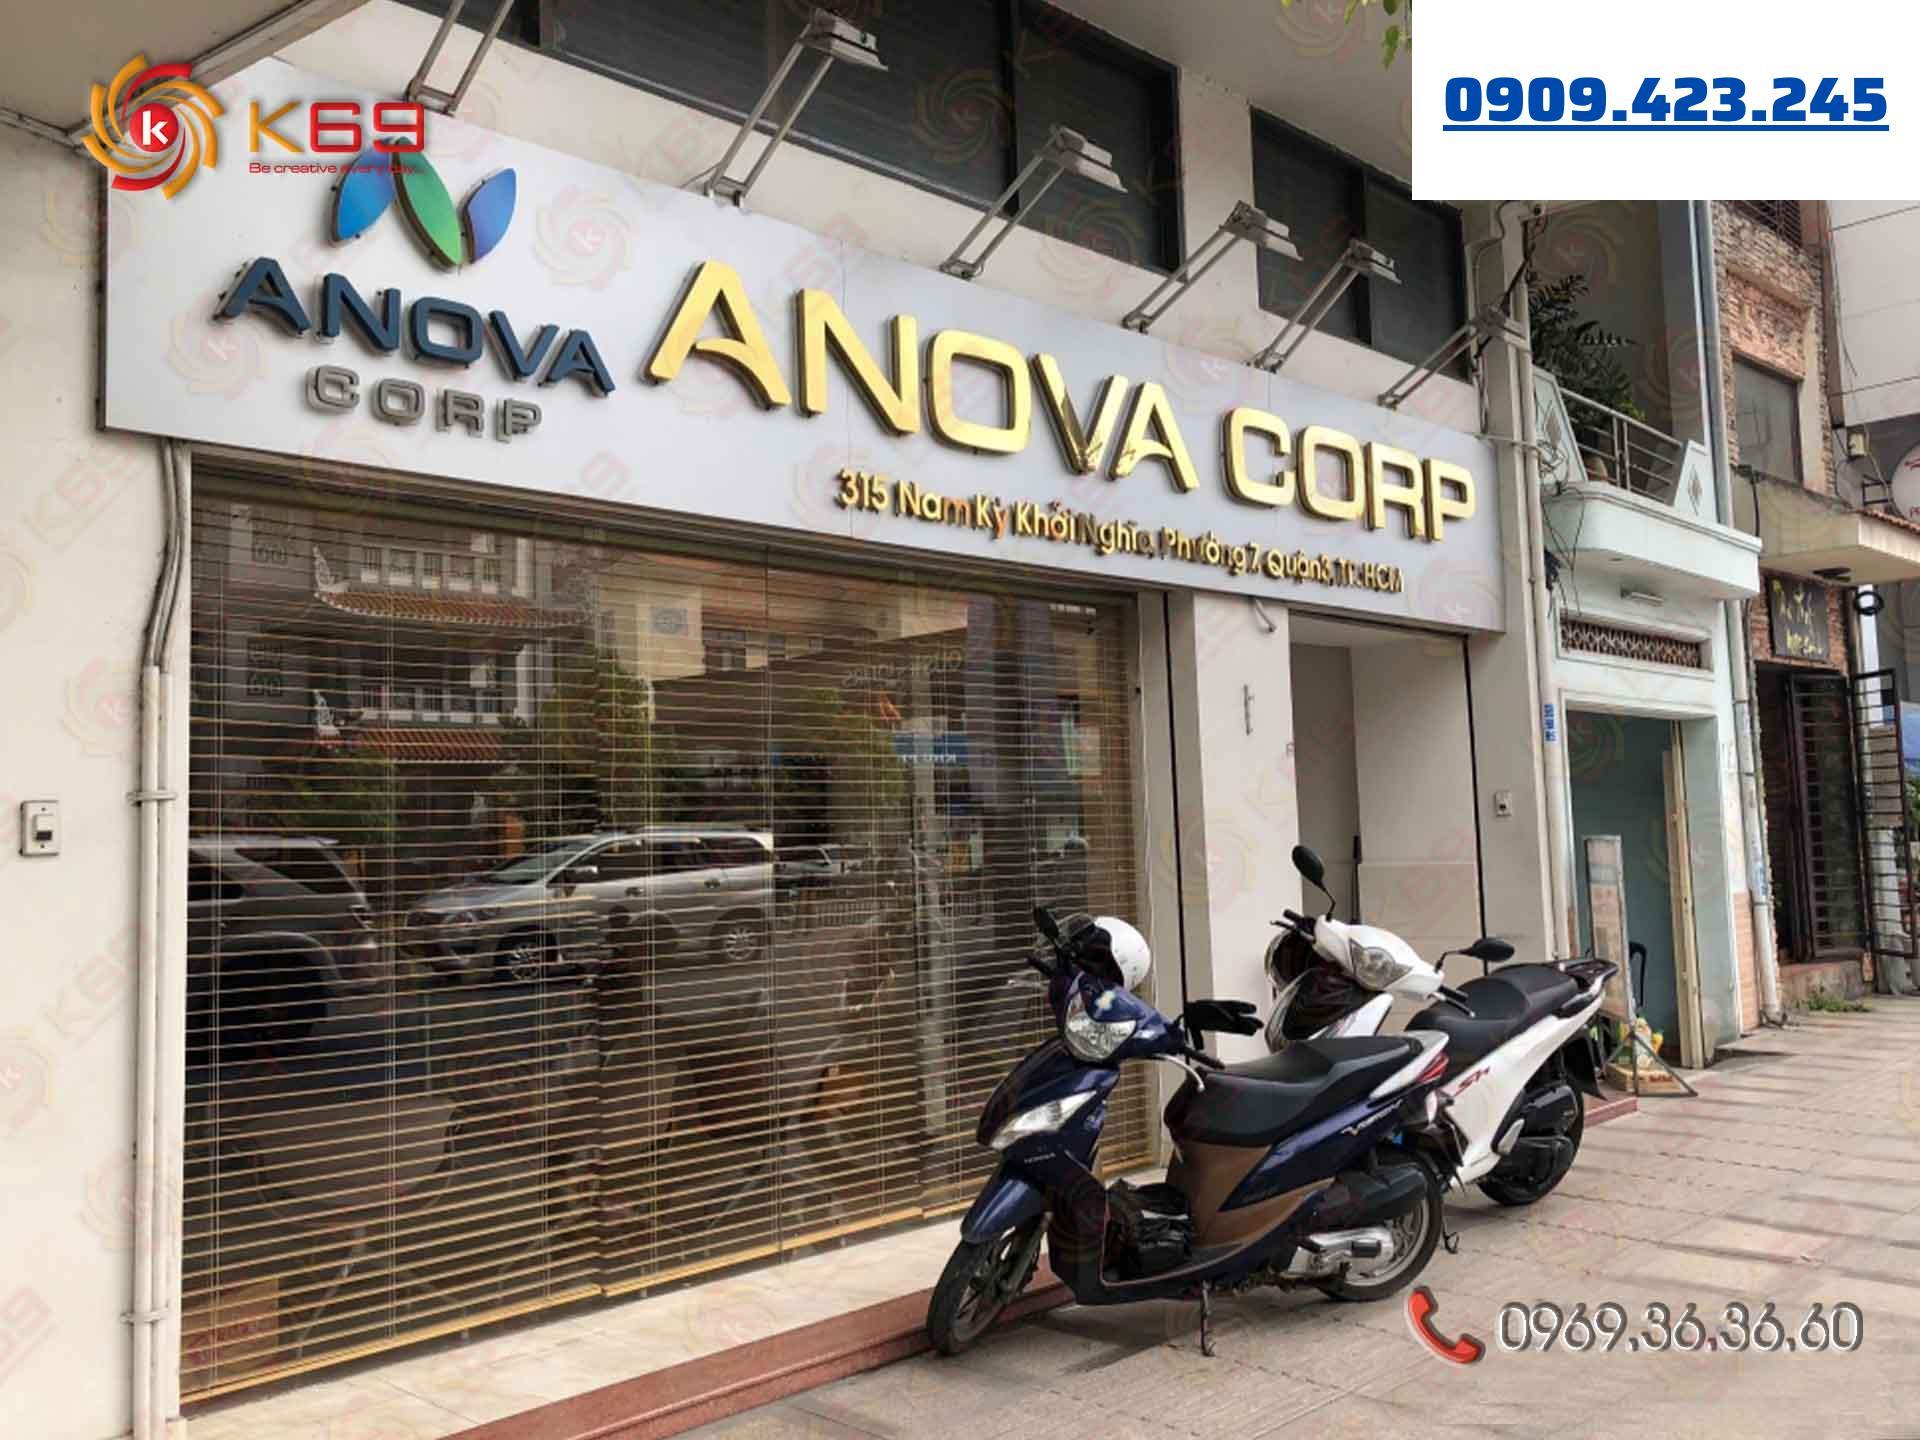 Mẫu bảng hiệu công ty bds ANOVA đẹp tại K69adv